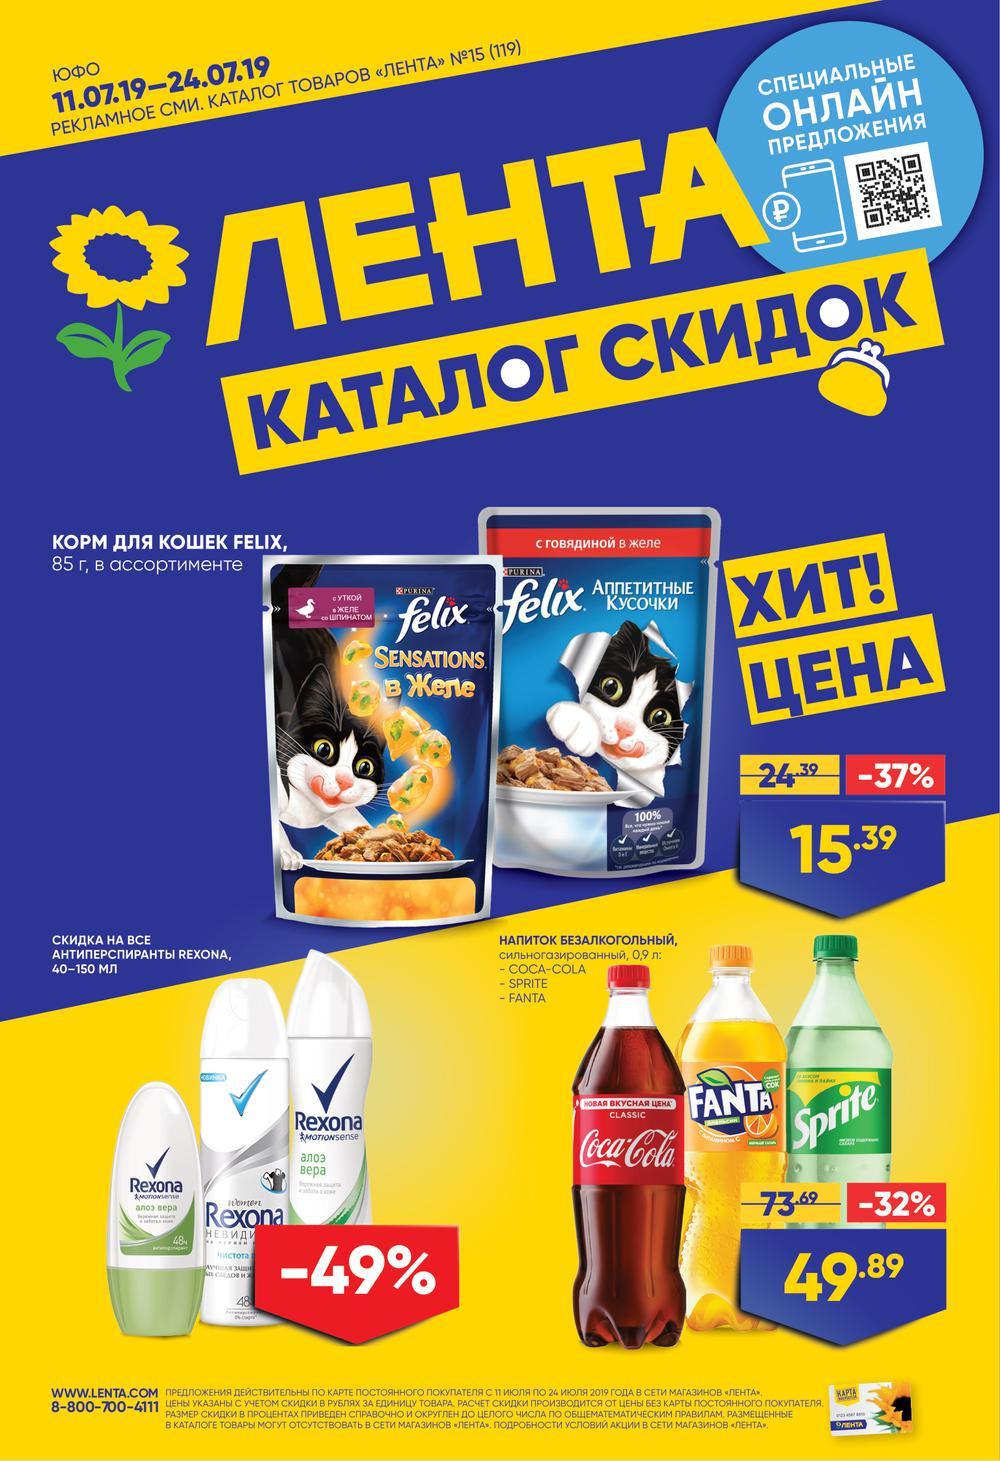 Лента пятигорск скидки купить канцтовары оптом дешево от производителя в москве